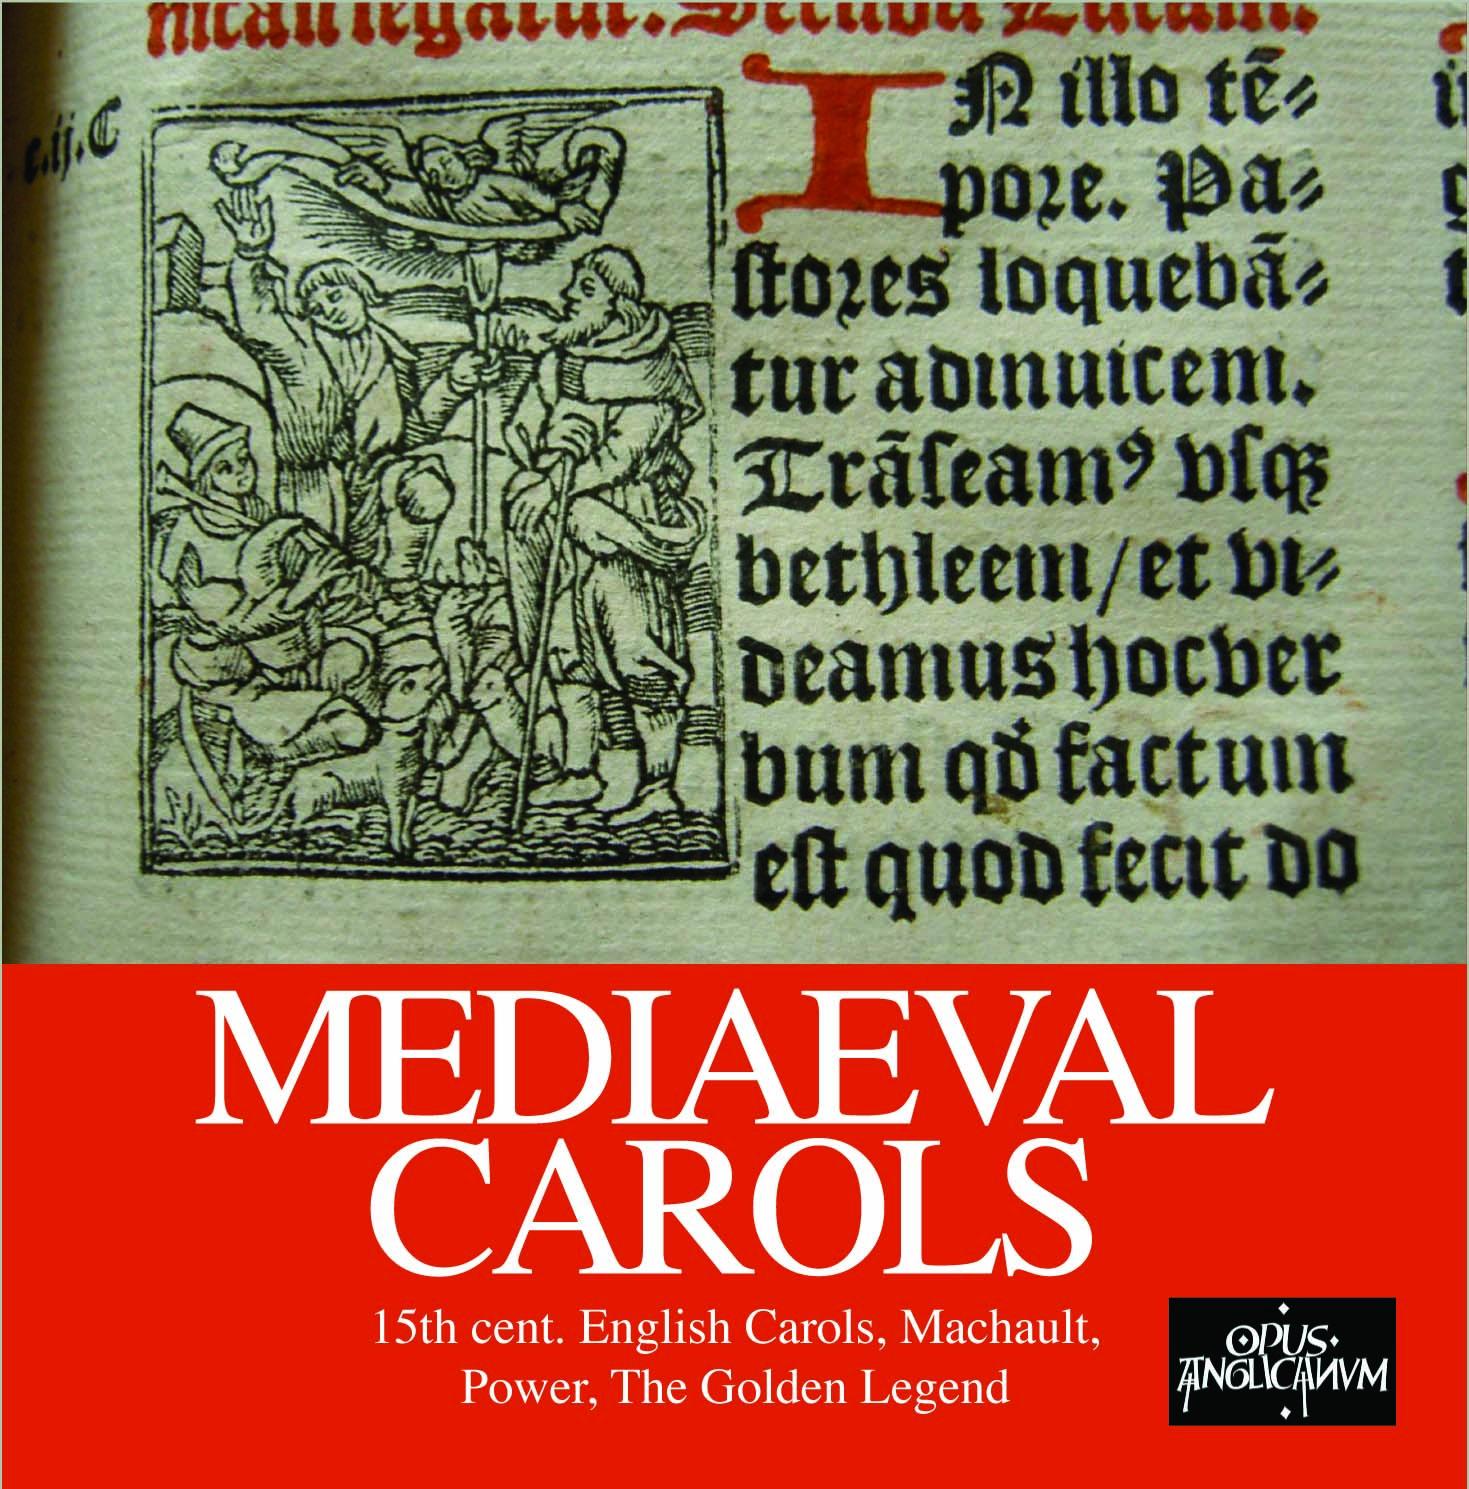 Mediaeval Carols